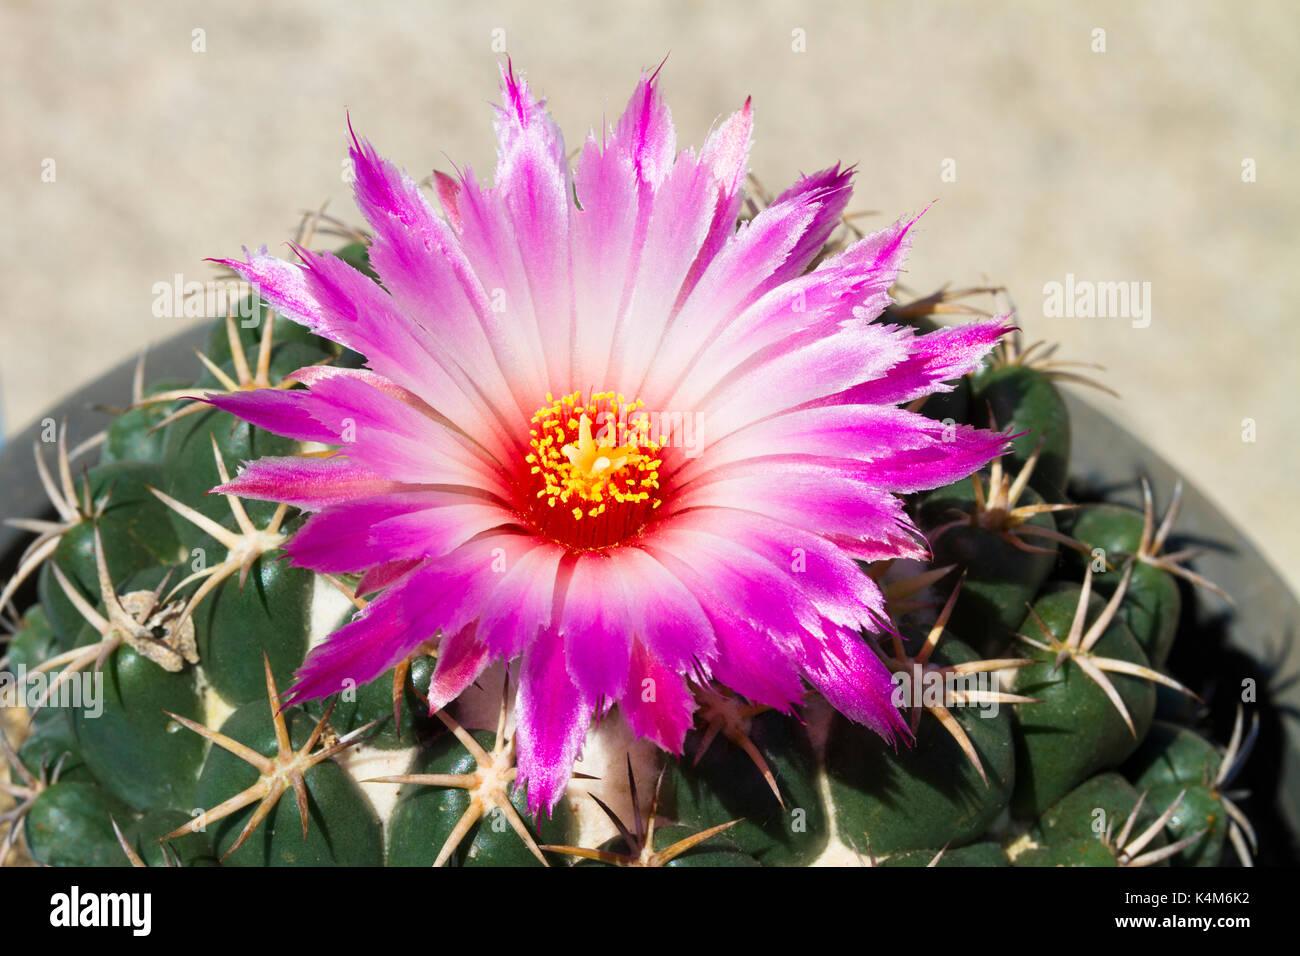 Macro Of Pink Cactus Flower Is Bloom In The Botanic Garden Stock